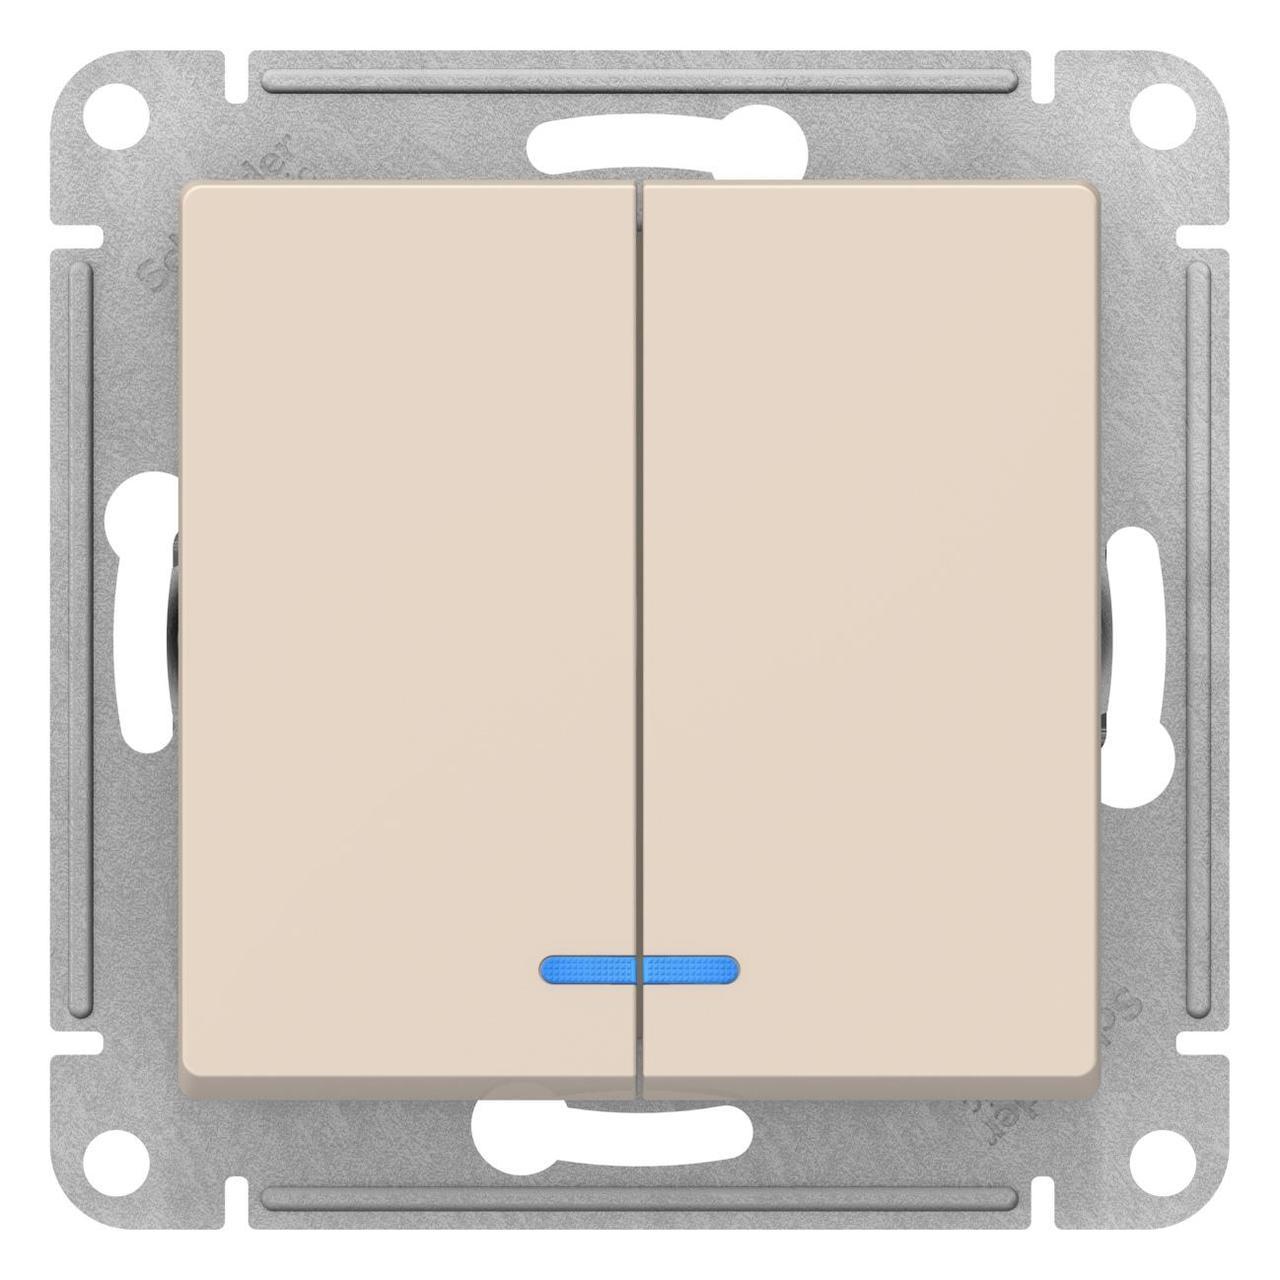 Выключатель 2-клавишный , с подсветкой , Бежевый, серия Atlas Design, Schneider Electric